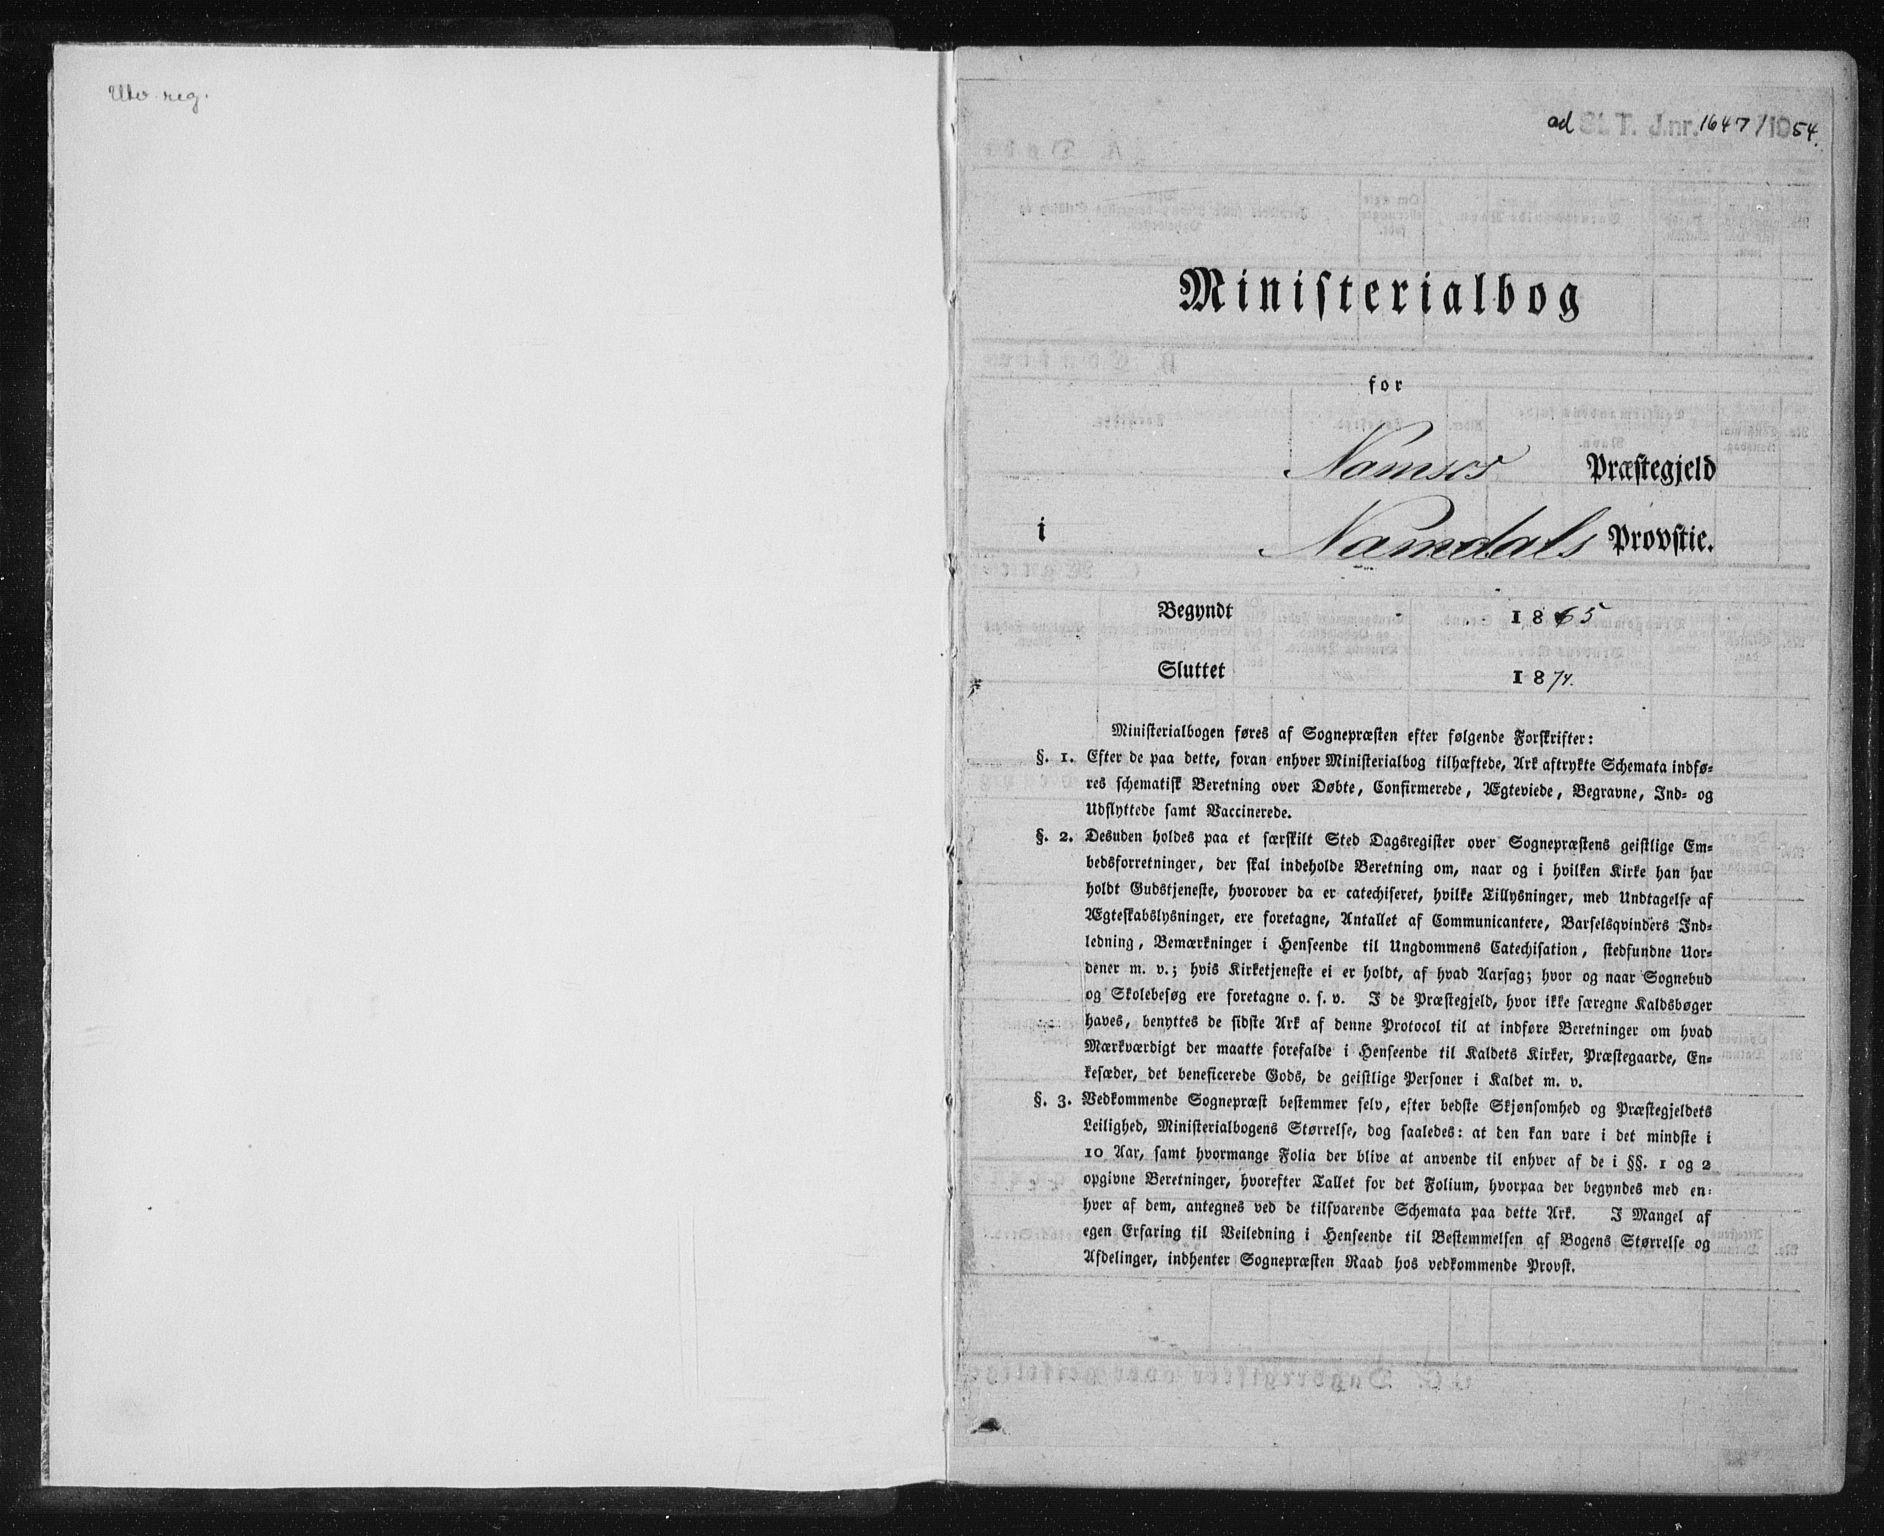 SAT, Ministerialprotokoller, klokkerbøker og fødselsregistre - Nord-Trøndelag, 768/L0570: Ministerialbok nr. 768A05, 1865-1874